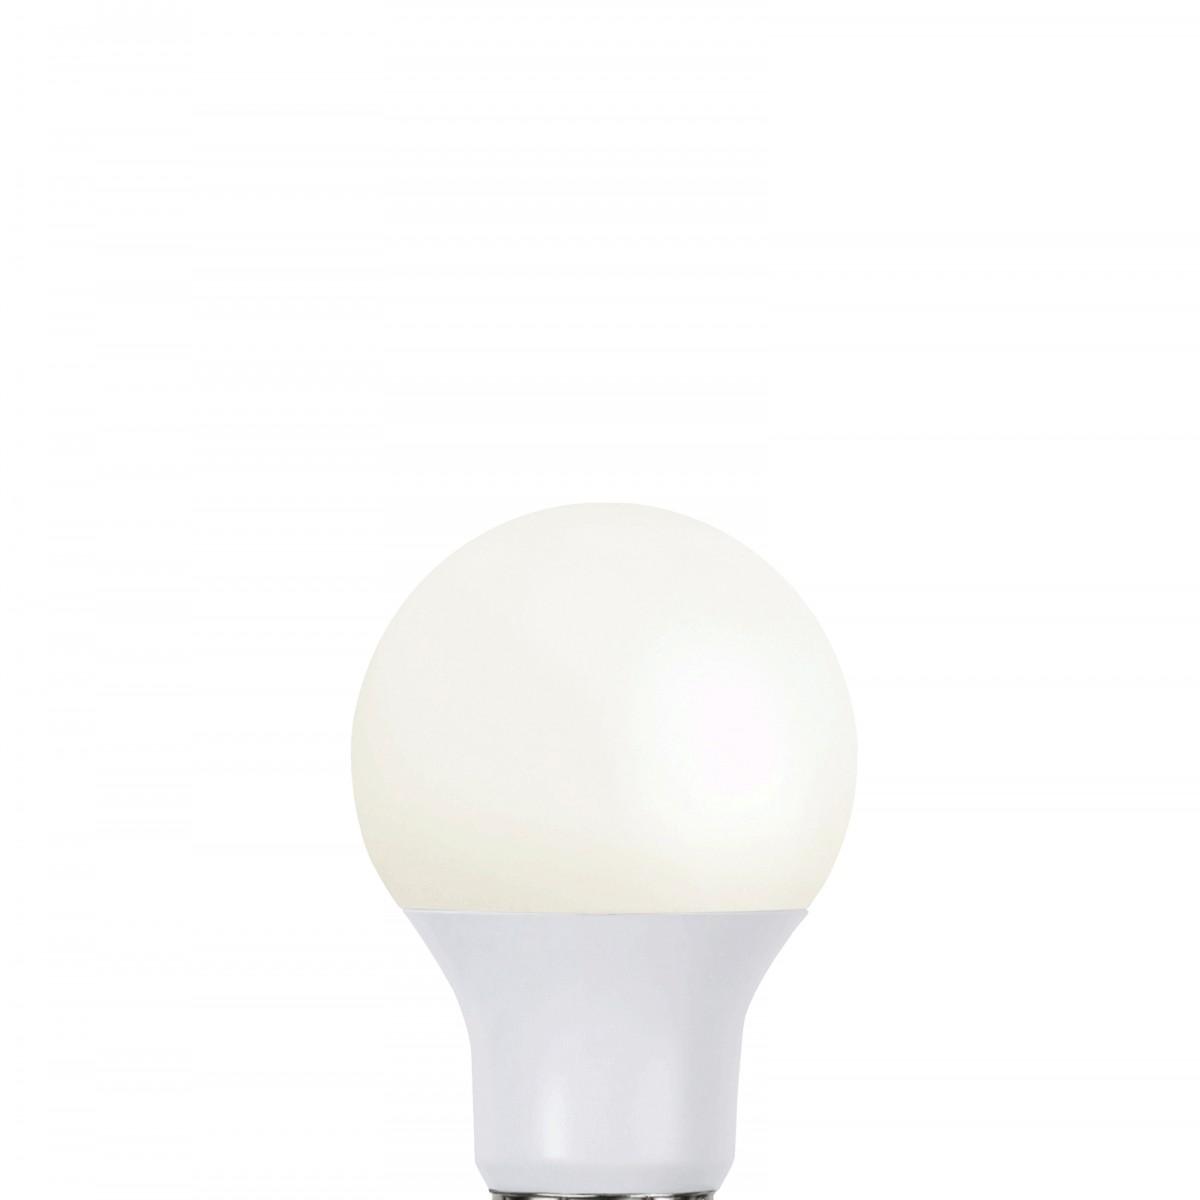 Bec LED  L145, E27, 6cm, lumină caldă